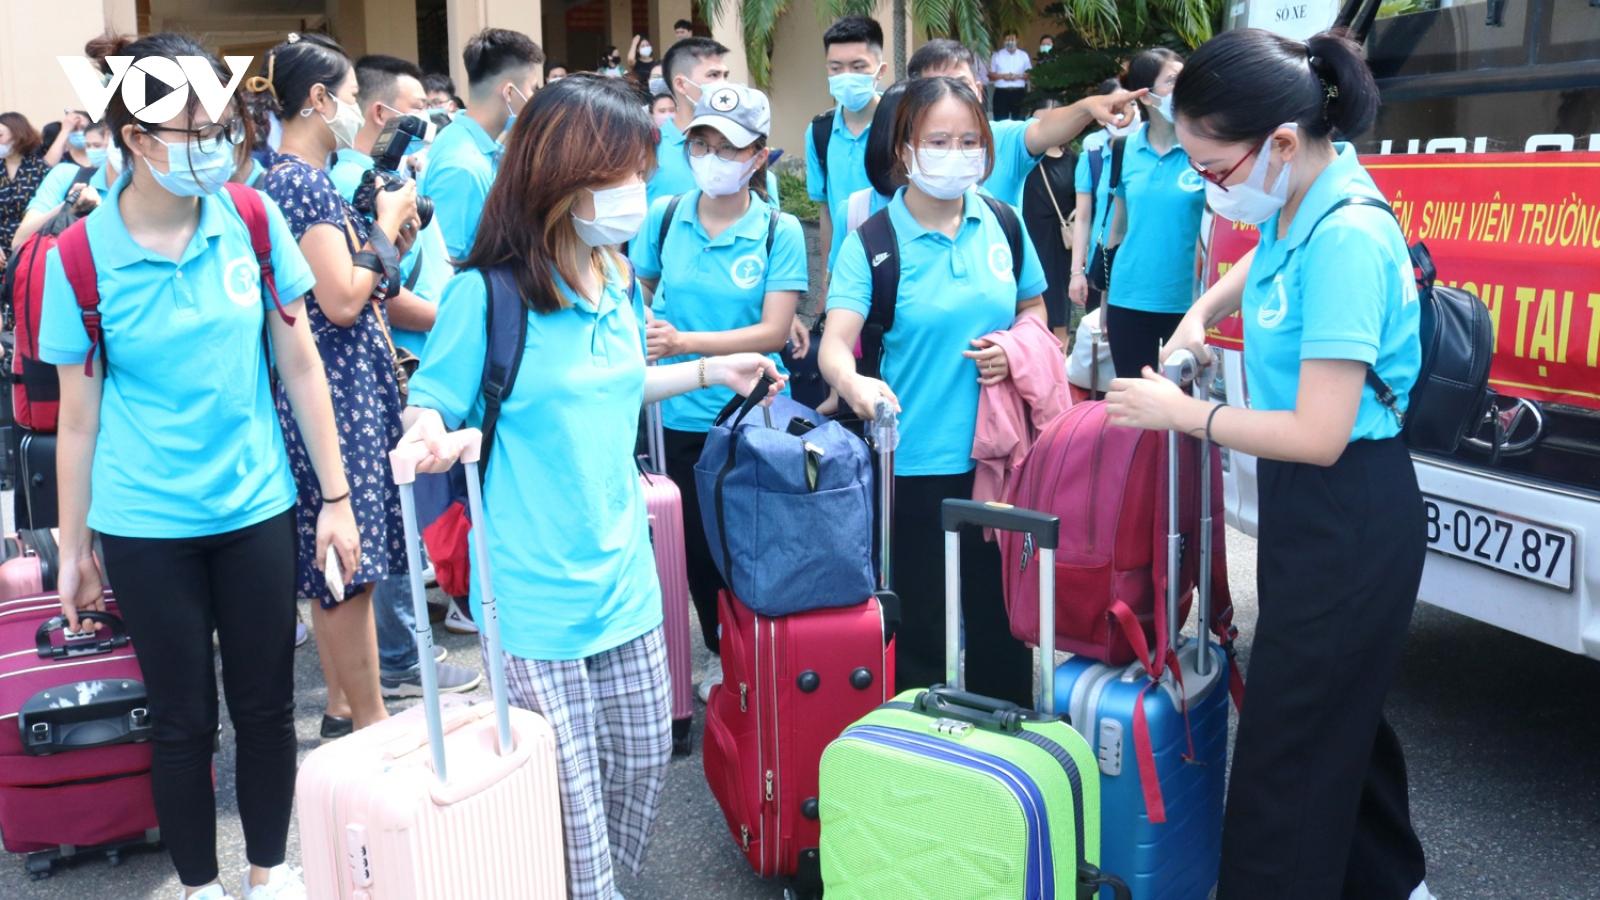 Cán bộ, sinh viên Đại học Y Dược Hải Phòng lên đường hỗ trợBình Dương phòng chống dịch